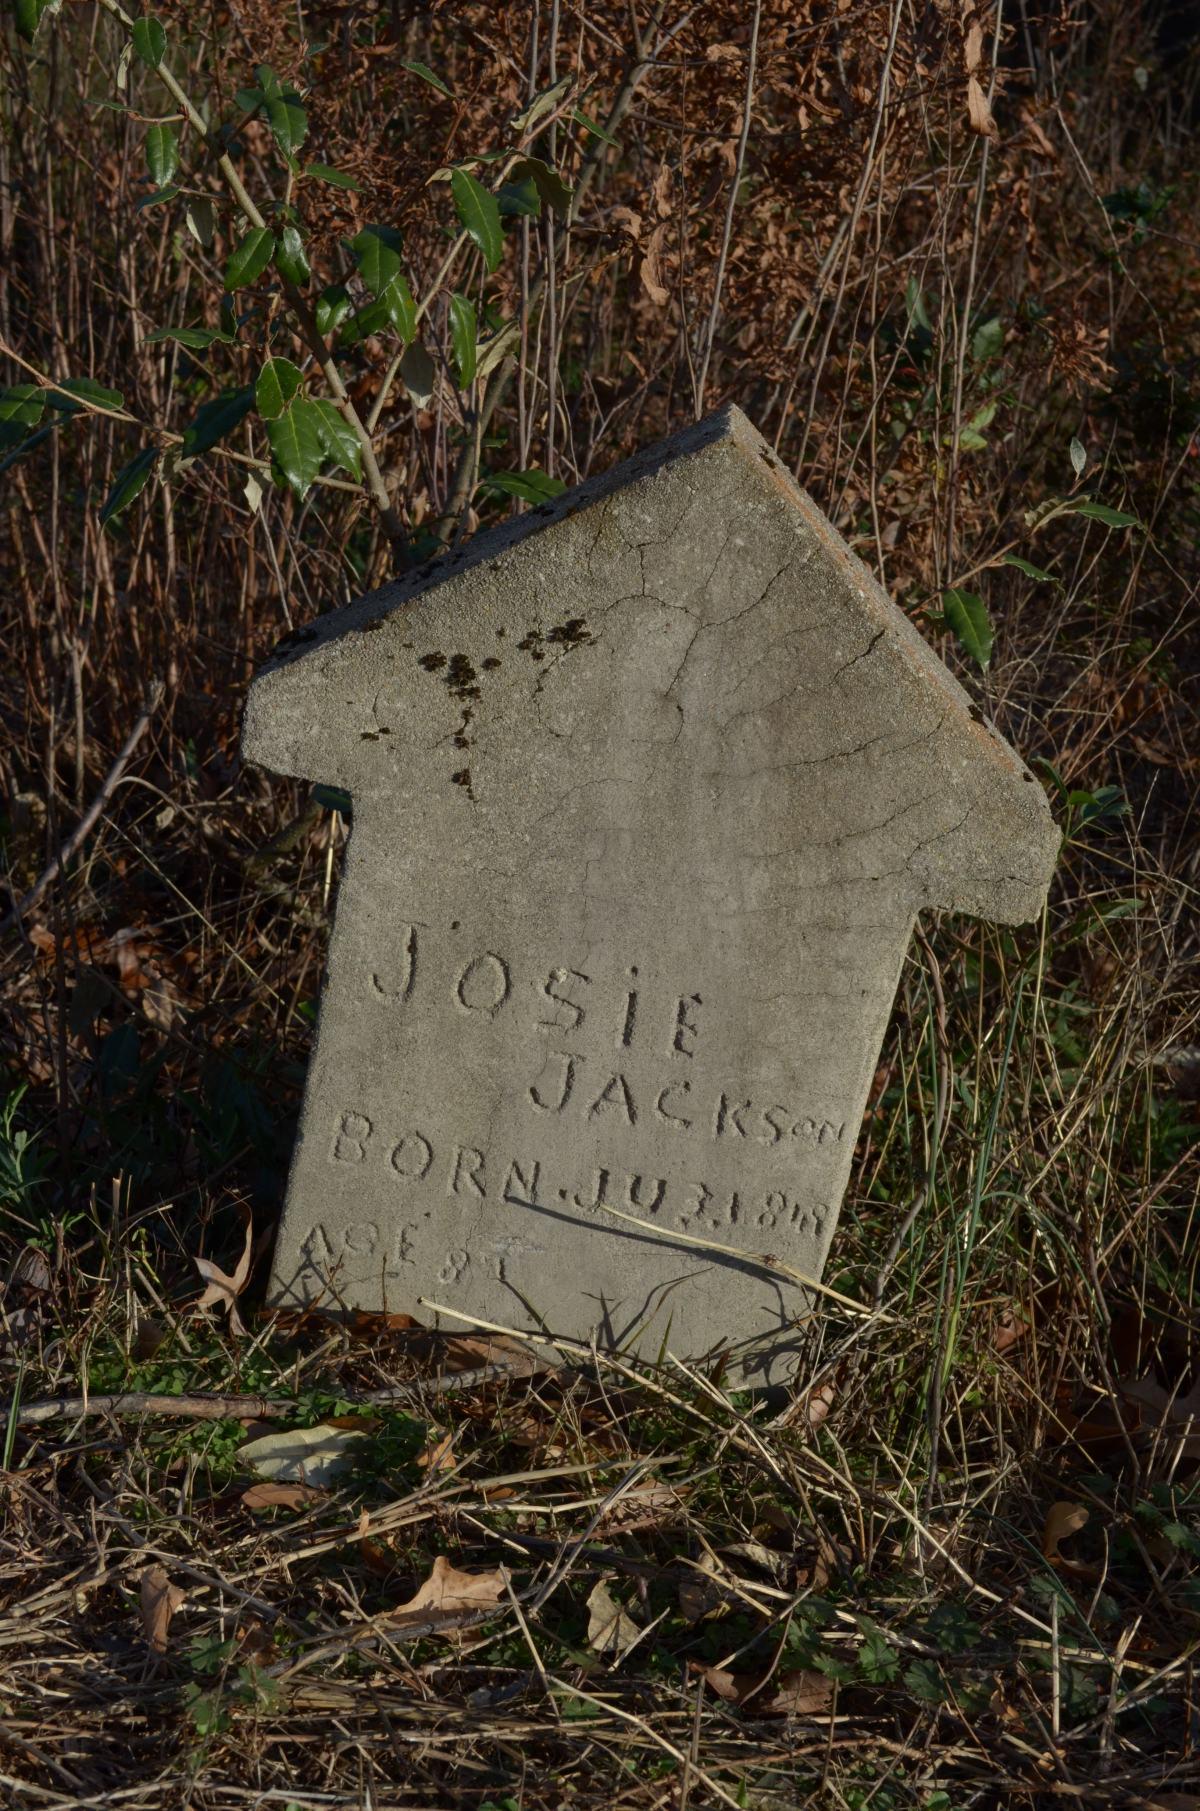 Josie Jackson, Age 8